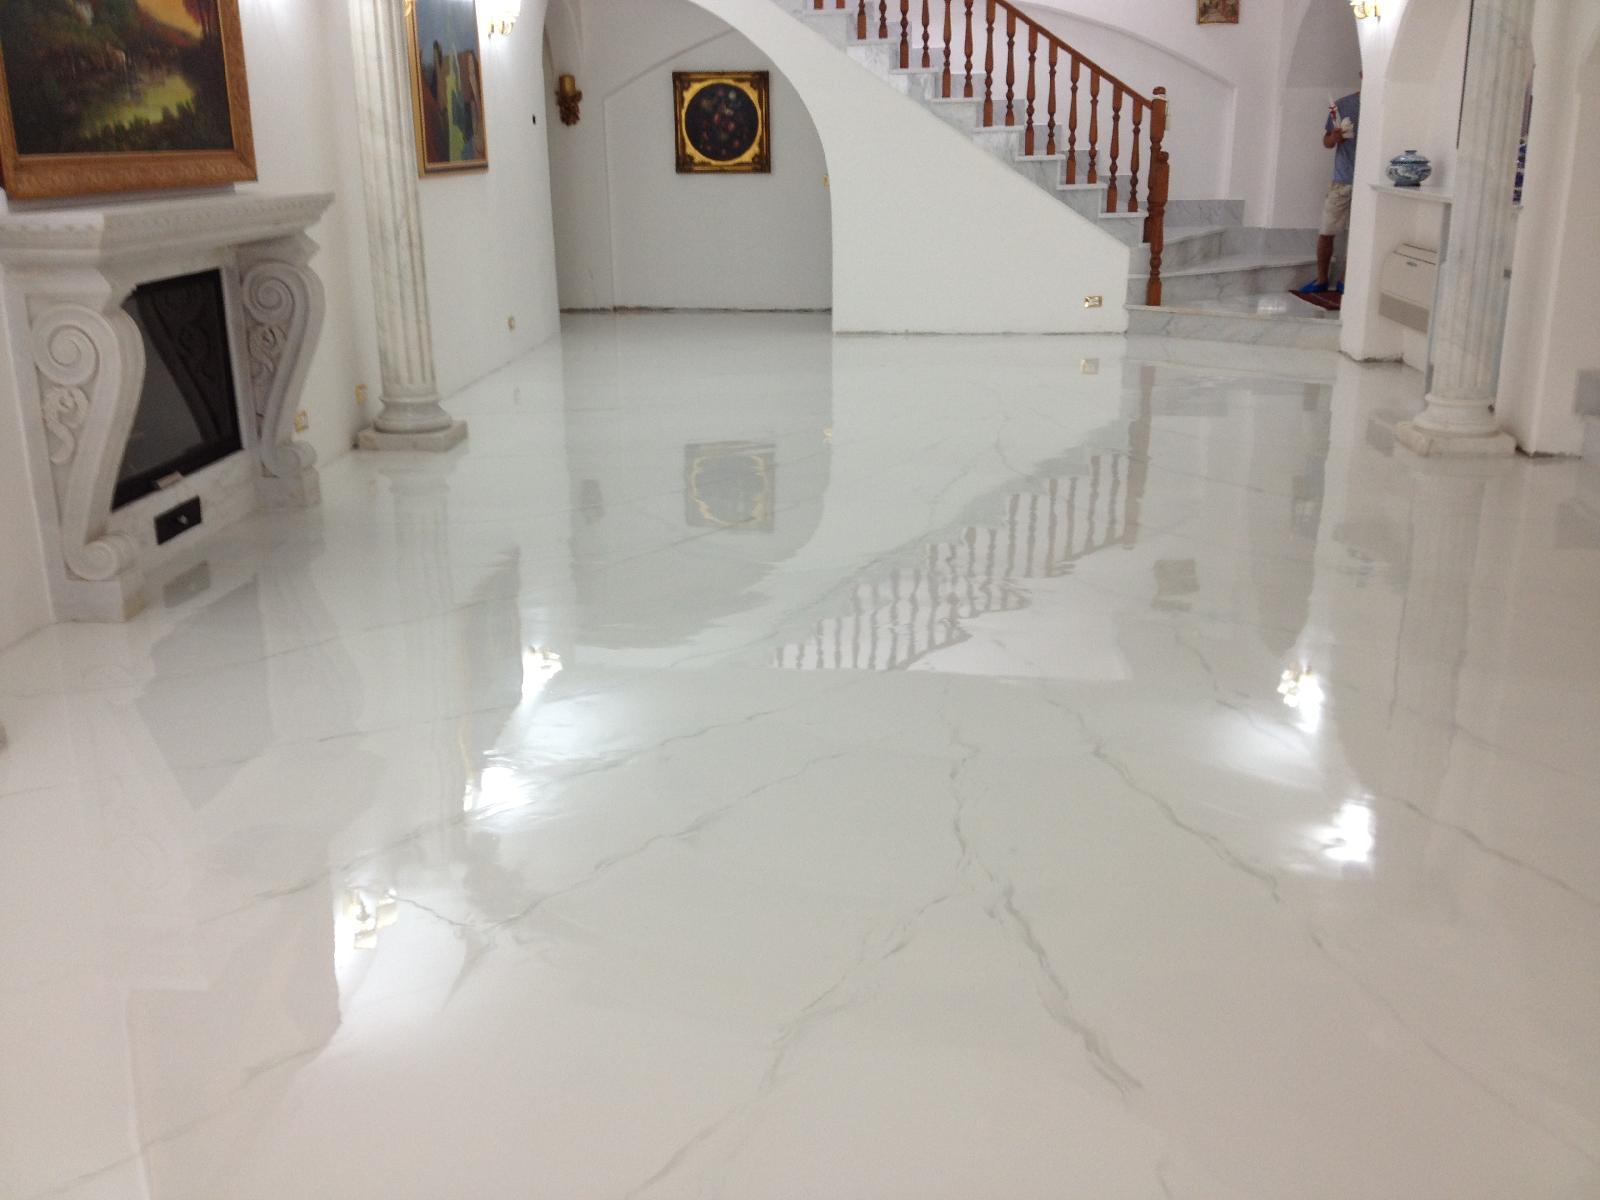 Pavimenti in resina i vantaggi tassonedil - Resine per bagni prezzi ...